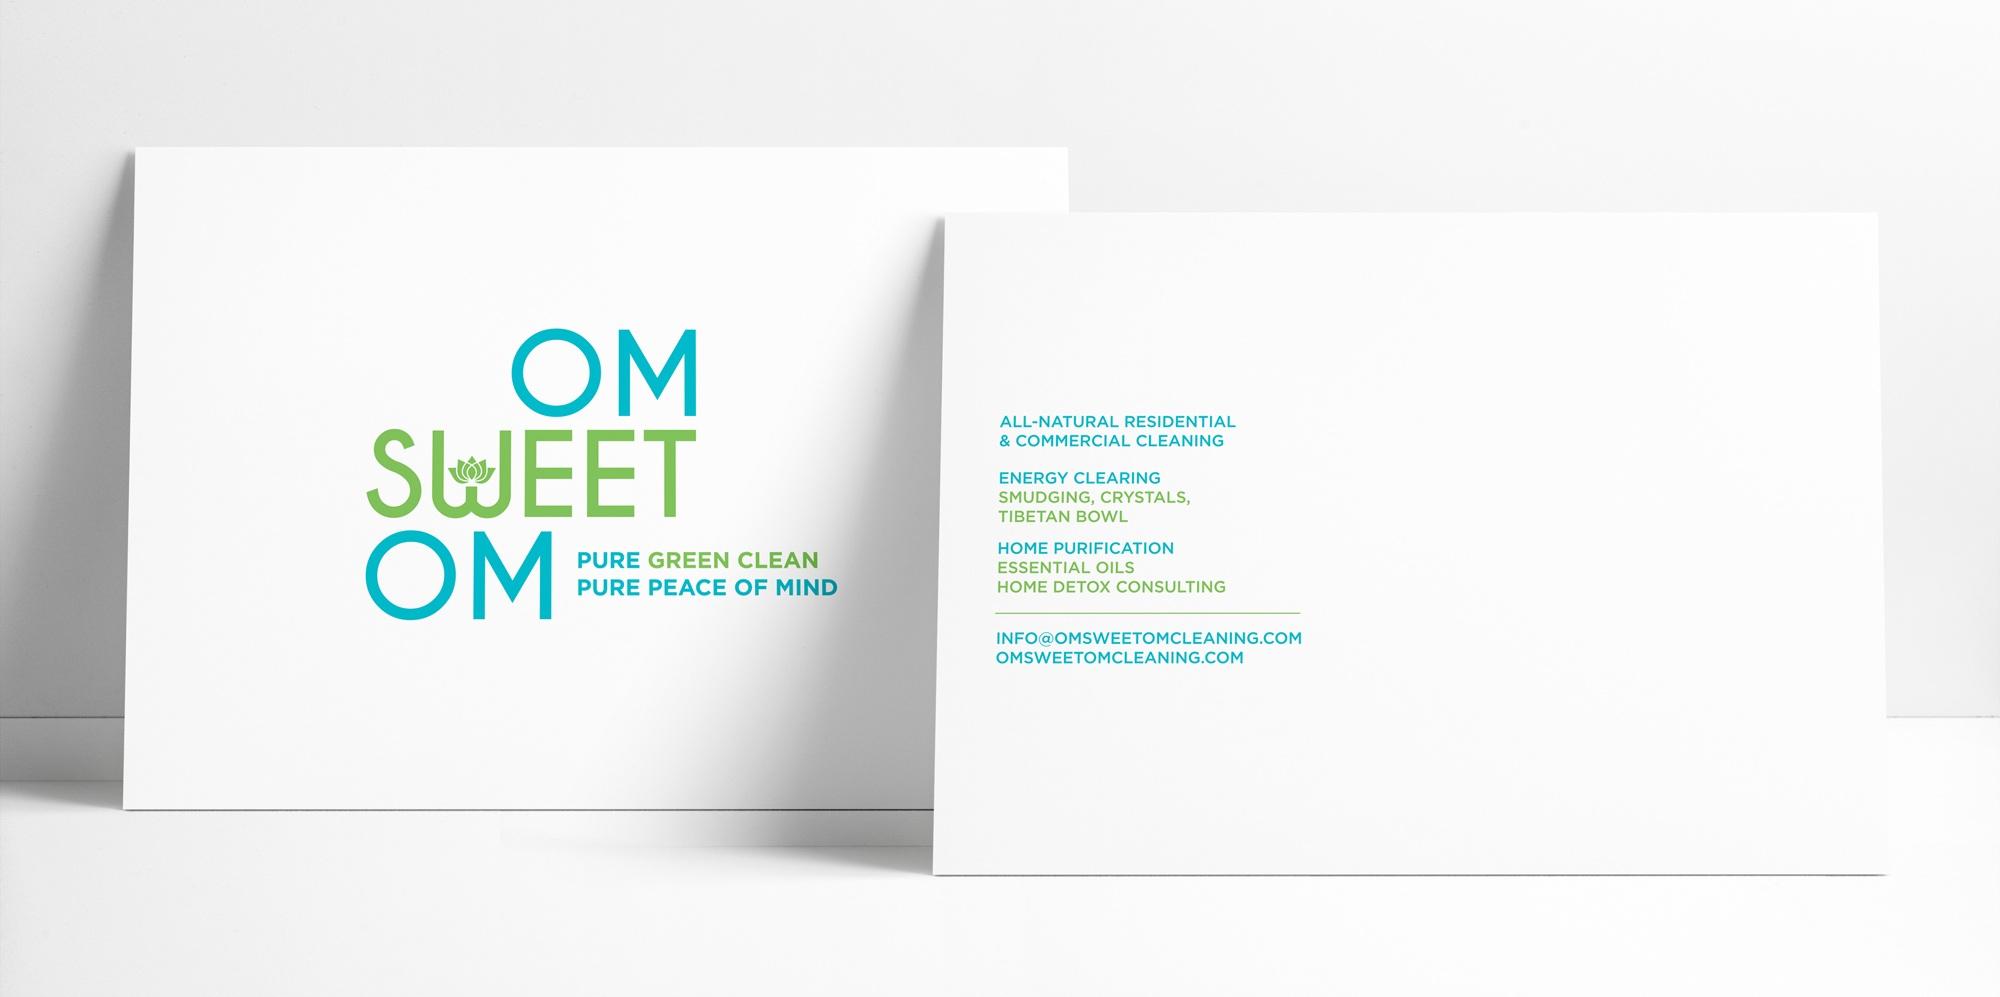 Om+Sweet+Om+brand+design